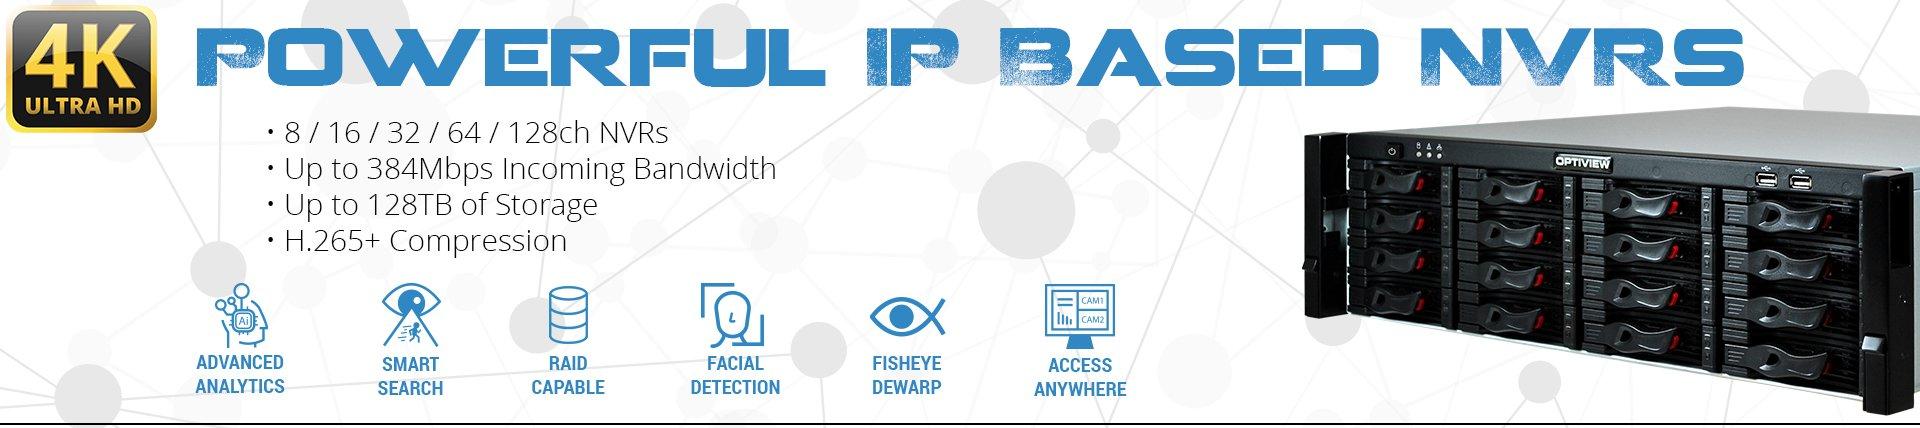 Powerful IP Based NVRs